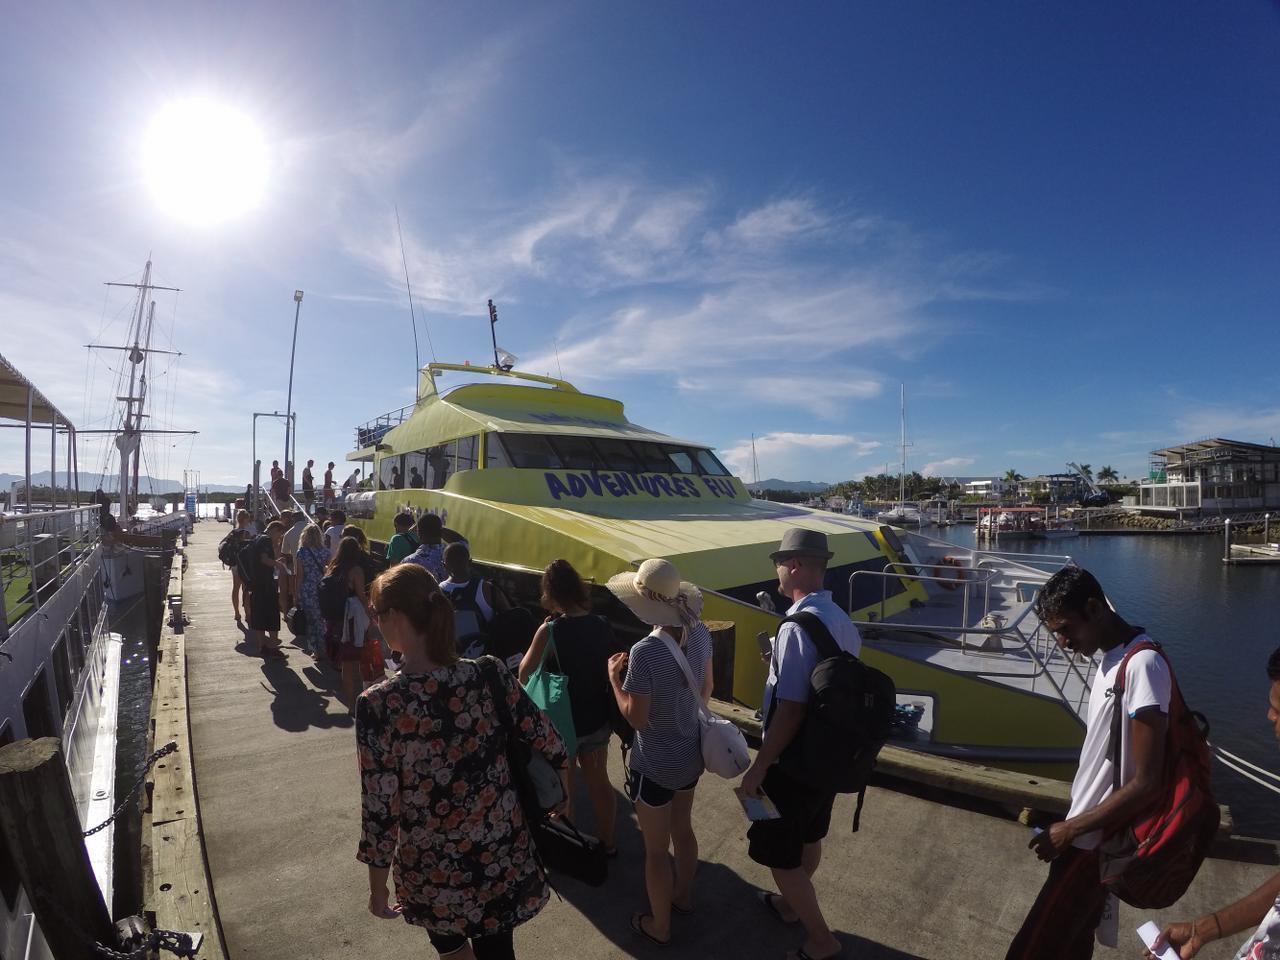 Yasawa Flyer - Boat transport to the Mamanuca and Yasawa Islands